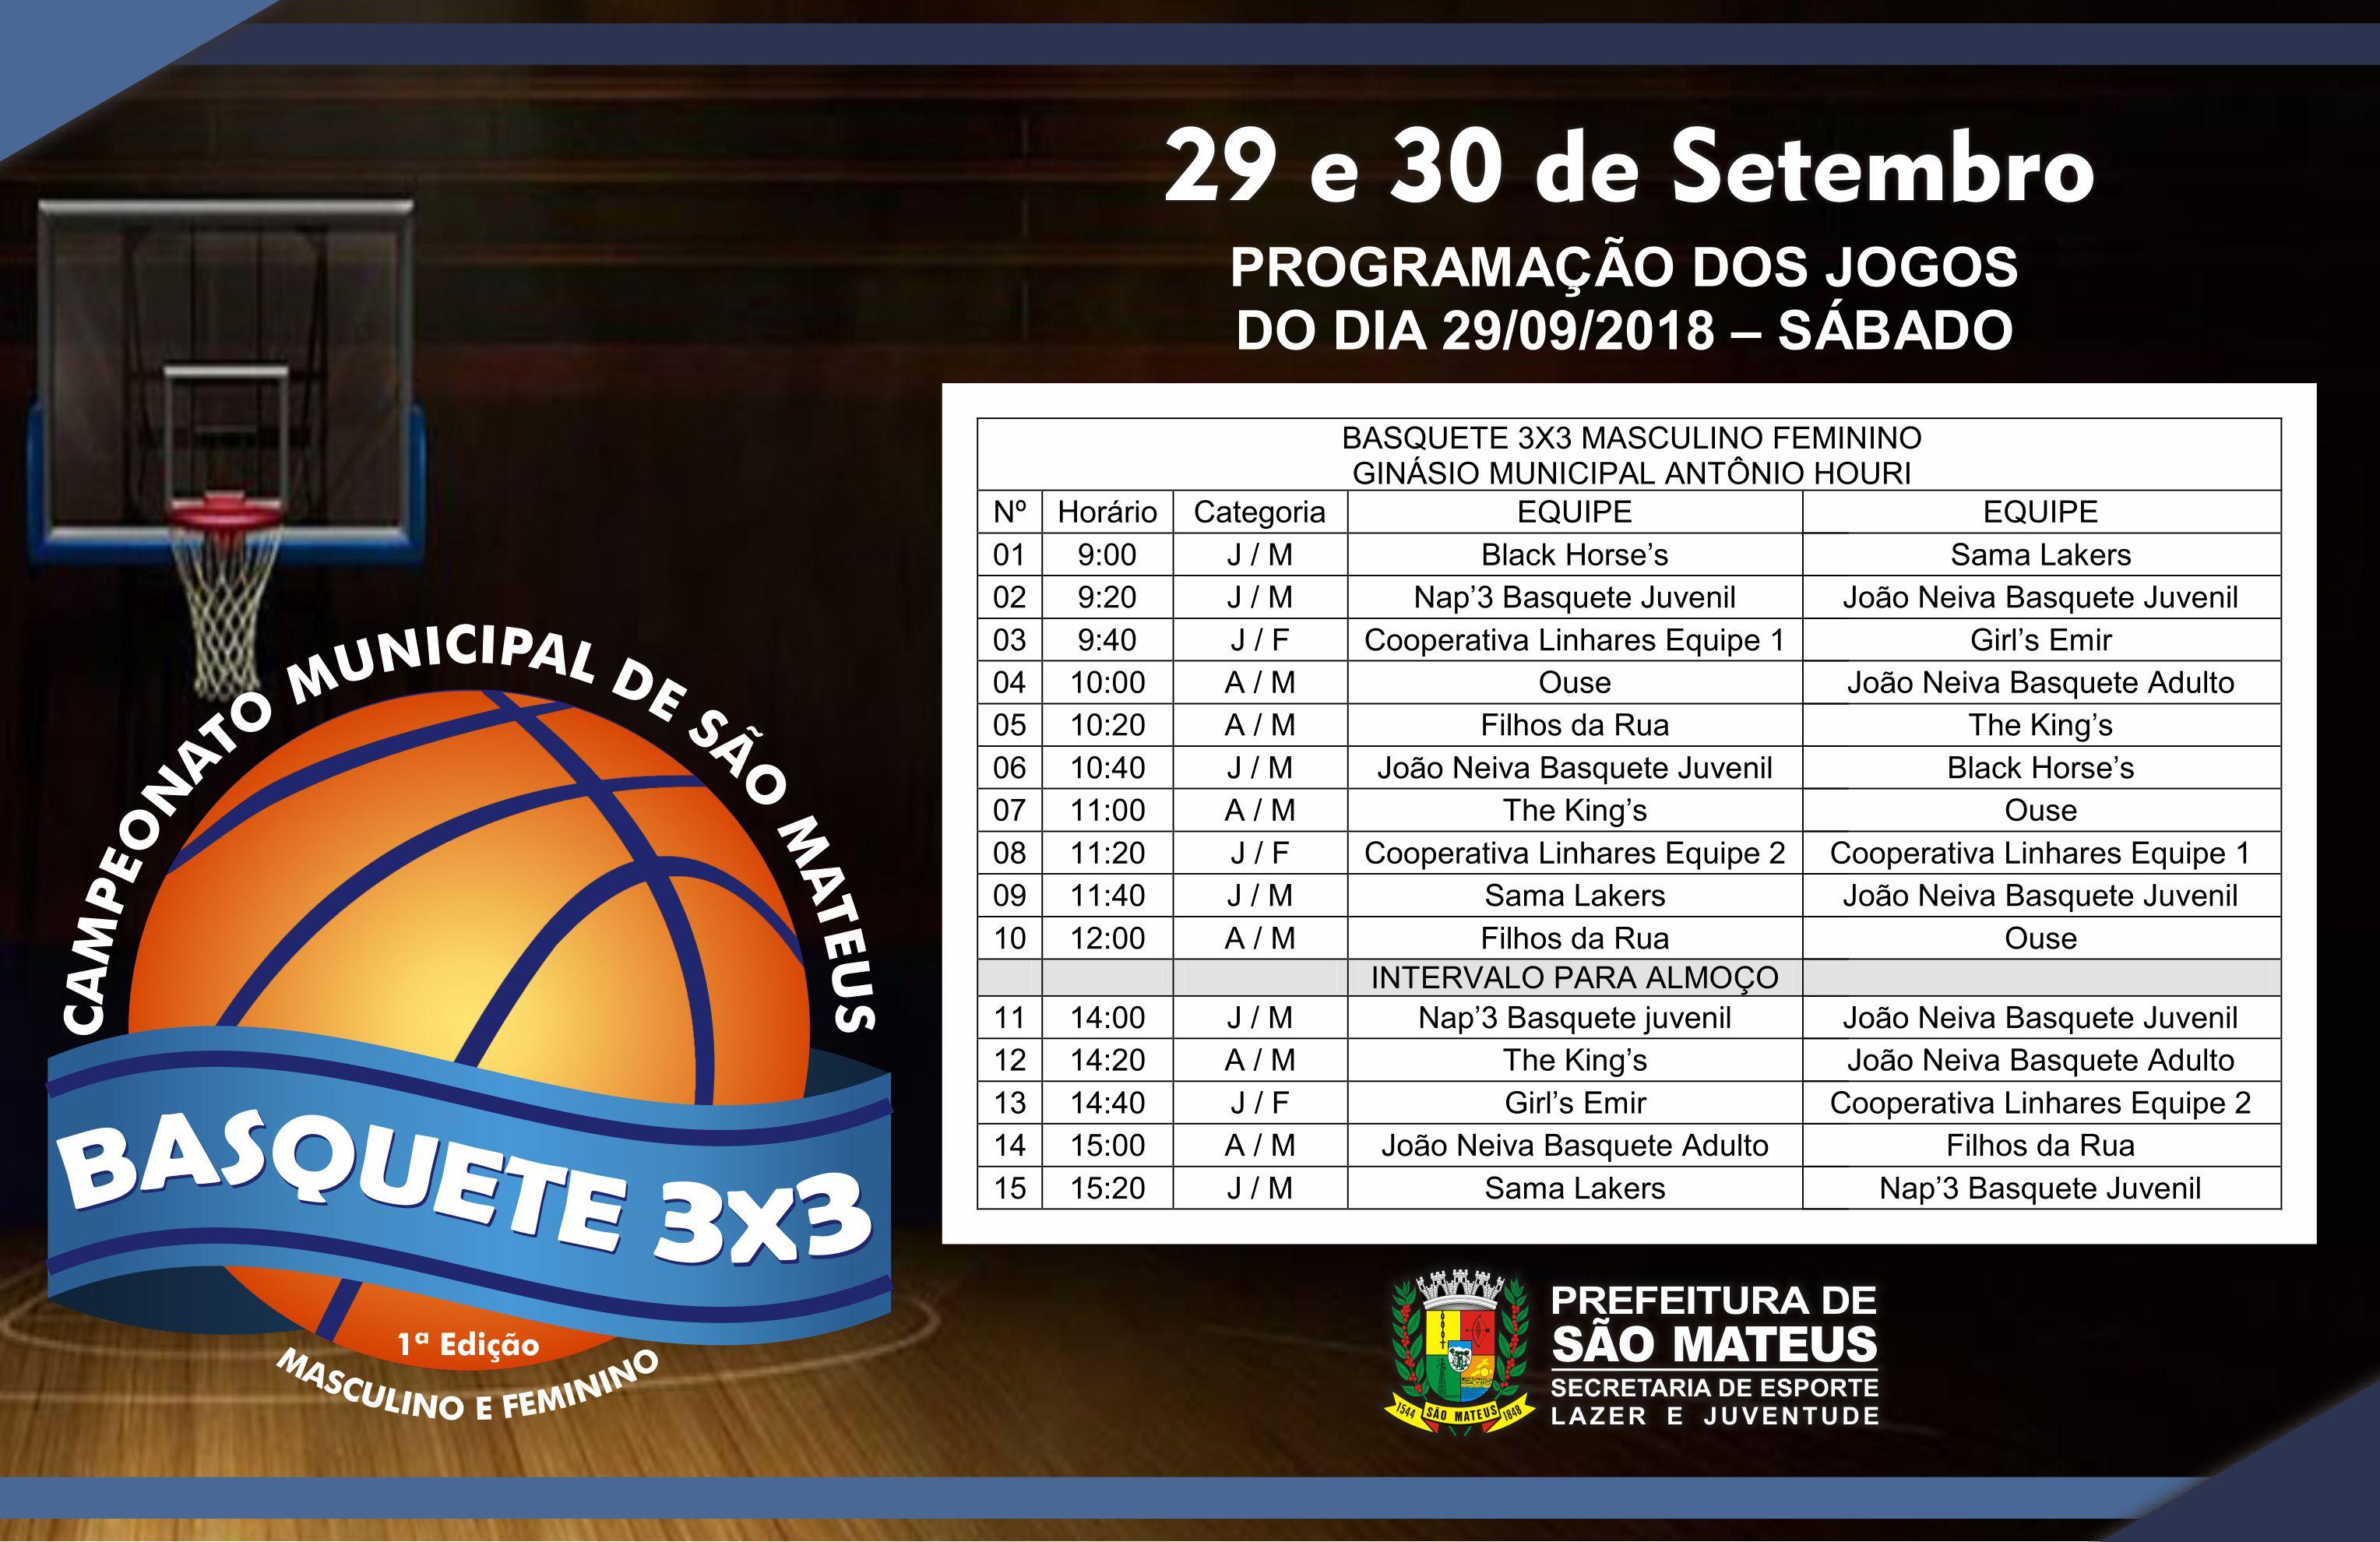 Campeonato Municipal de Basquete 3X3 de São Mateus começa nesse sábado